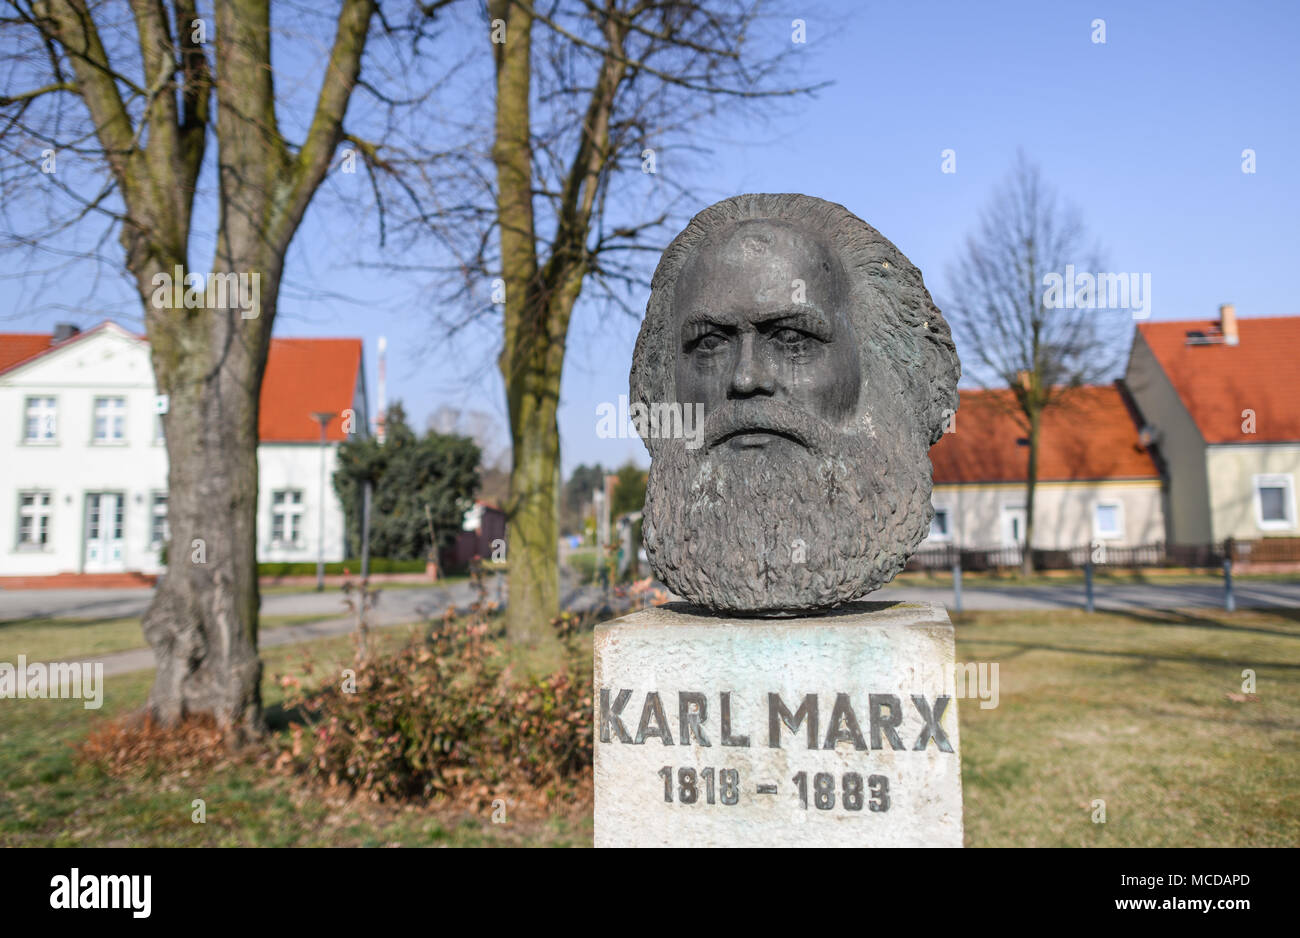 10 avril 2018, l'Allemagne, Neuhardenberg: un buste du philosophe allemand, économiste et théoricien social Karl Marx (05 mai, 1818 - 14 mars, 1883) est à l'écran. La ville de Neuhardenberg était précédemment connu sous le nom d'Marxwalde Karl Marx au cours de l'époque de la RDA. Photo: Patrick Pleul/dpa-Zentralbild/dpa Banque D'Images